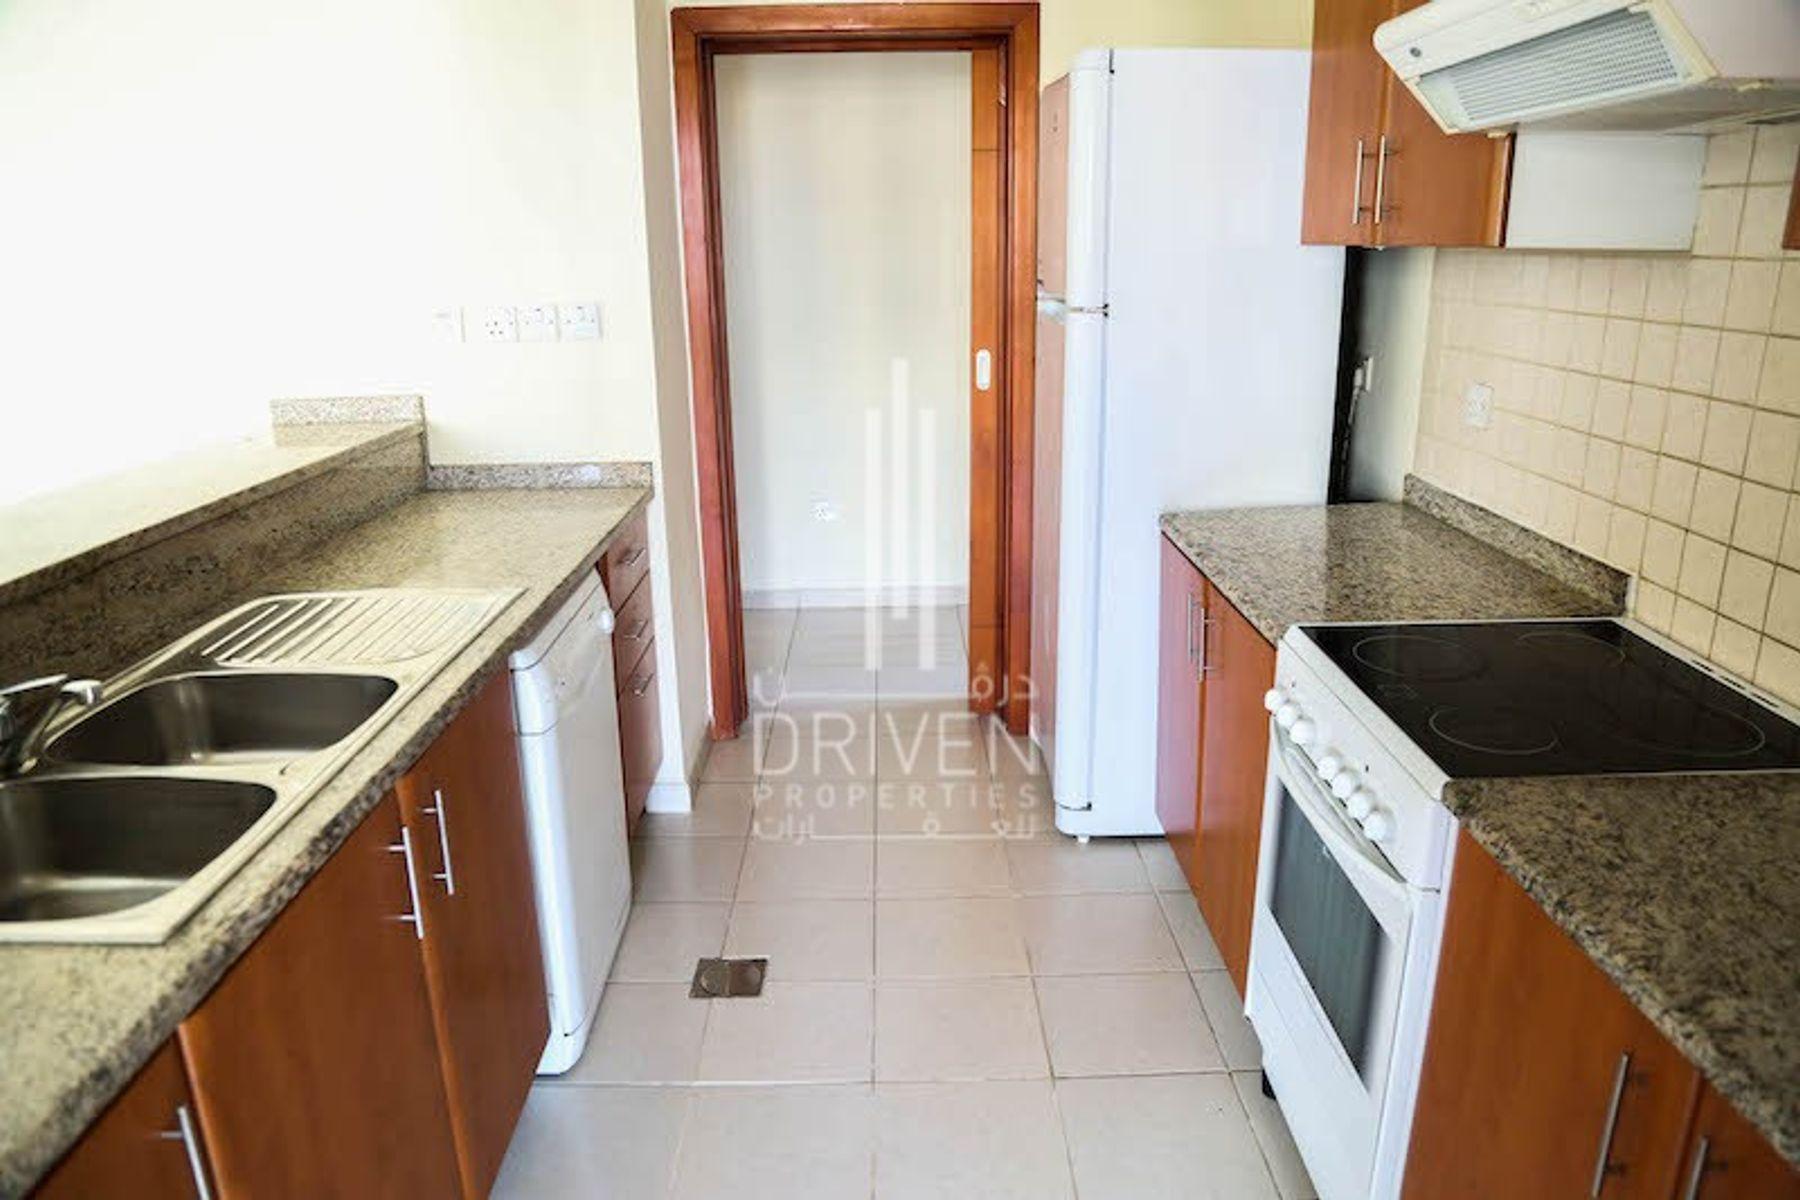 Apartment for Sale in Al Arta 2 - Greens